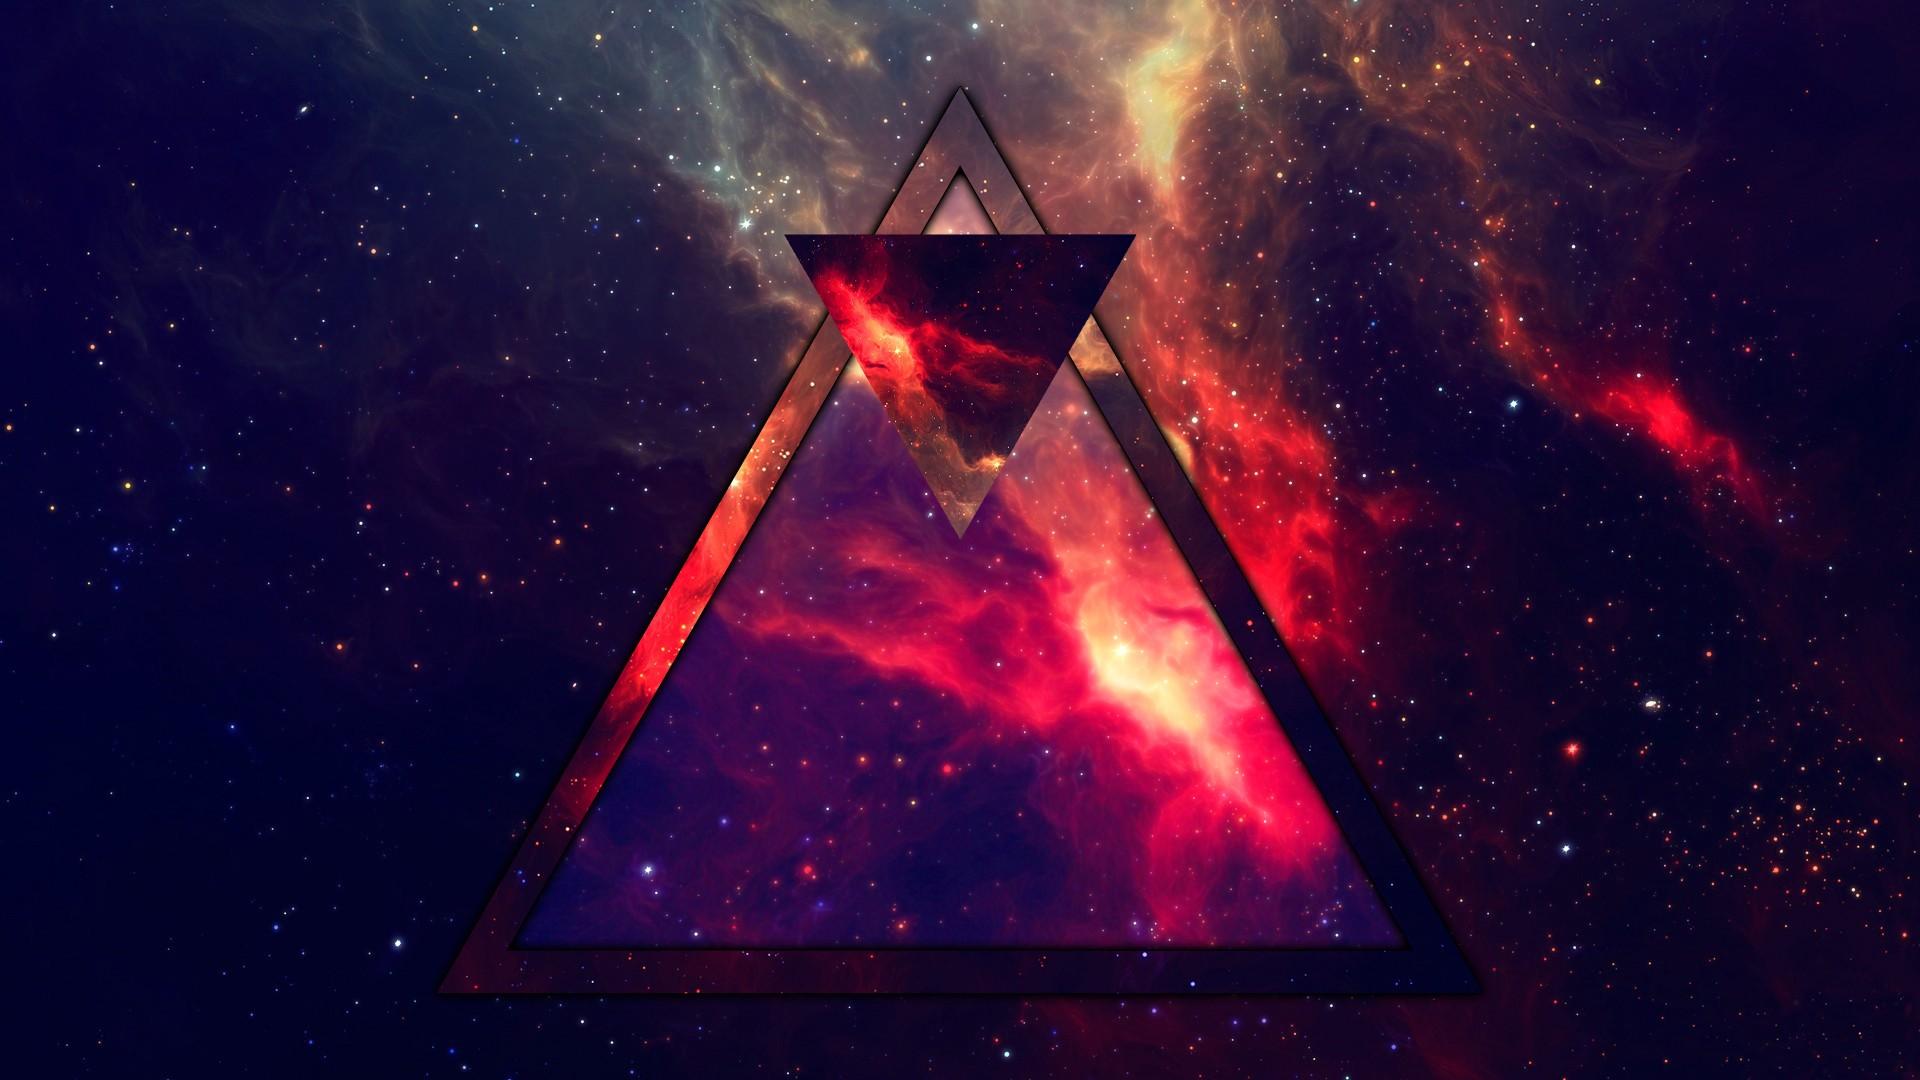 нашей картинки геометрия в космосе тыкву